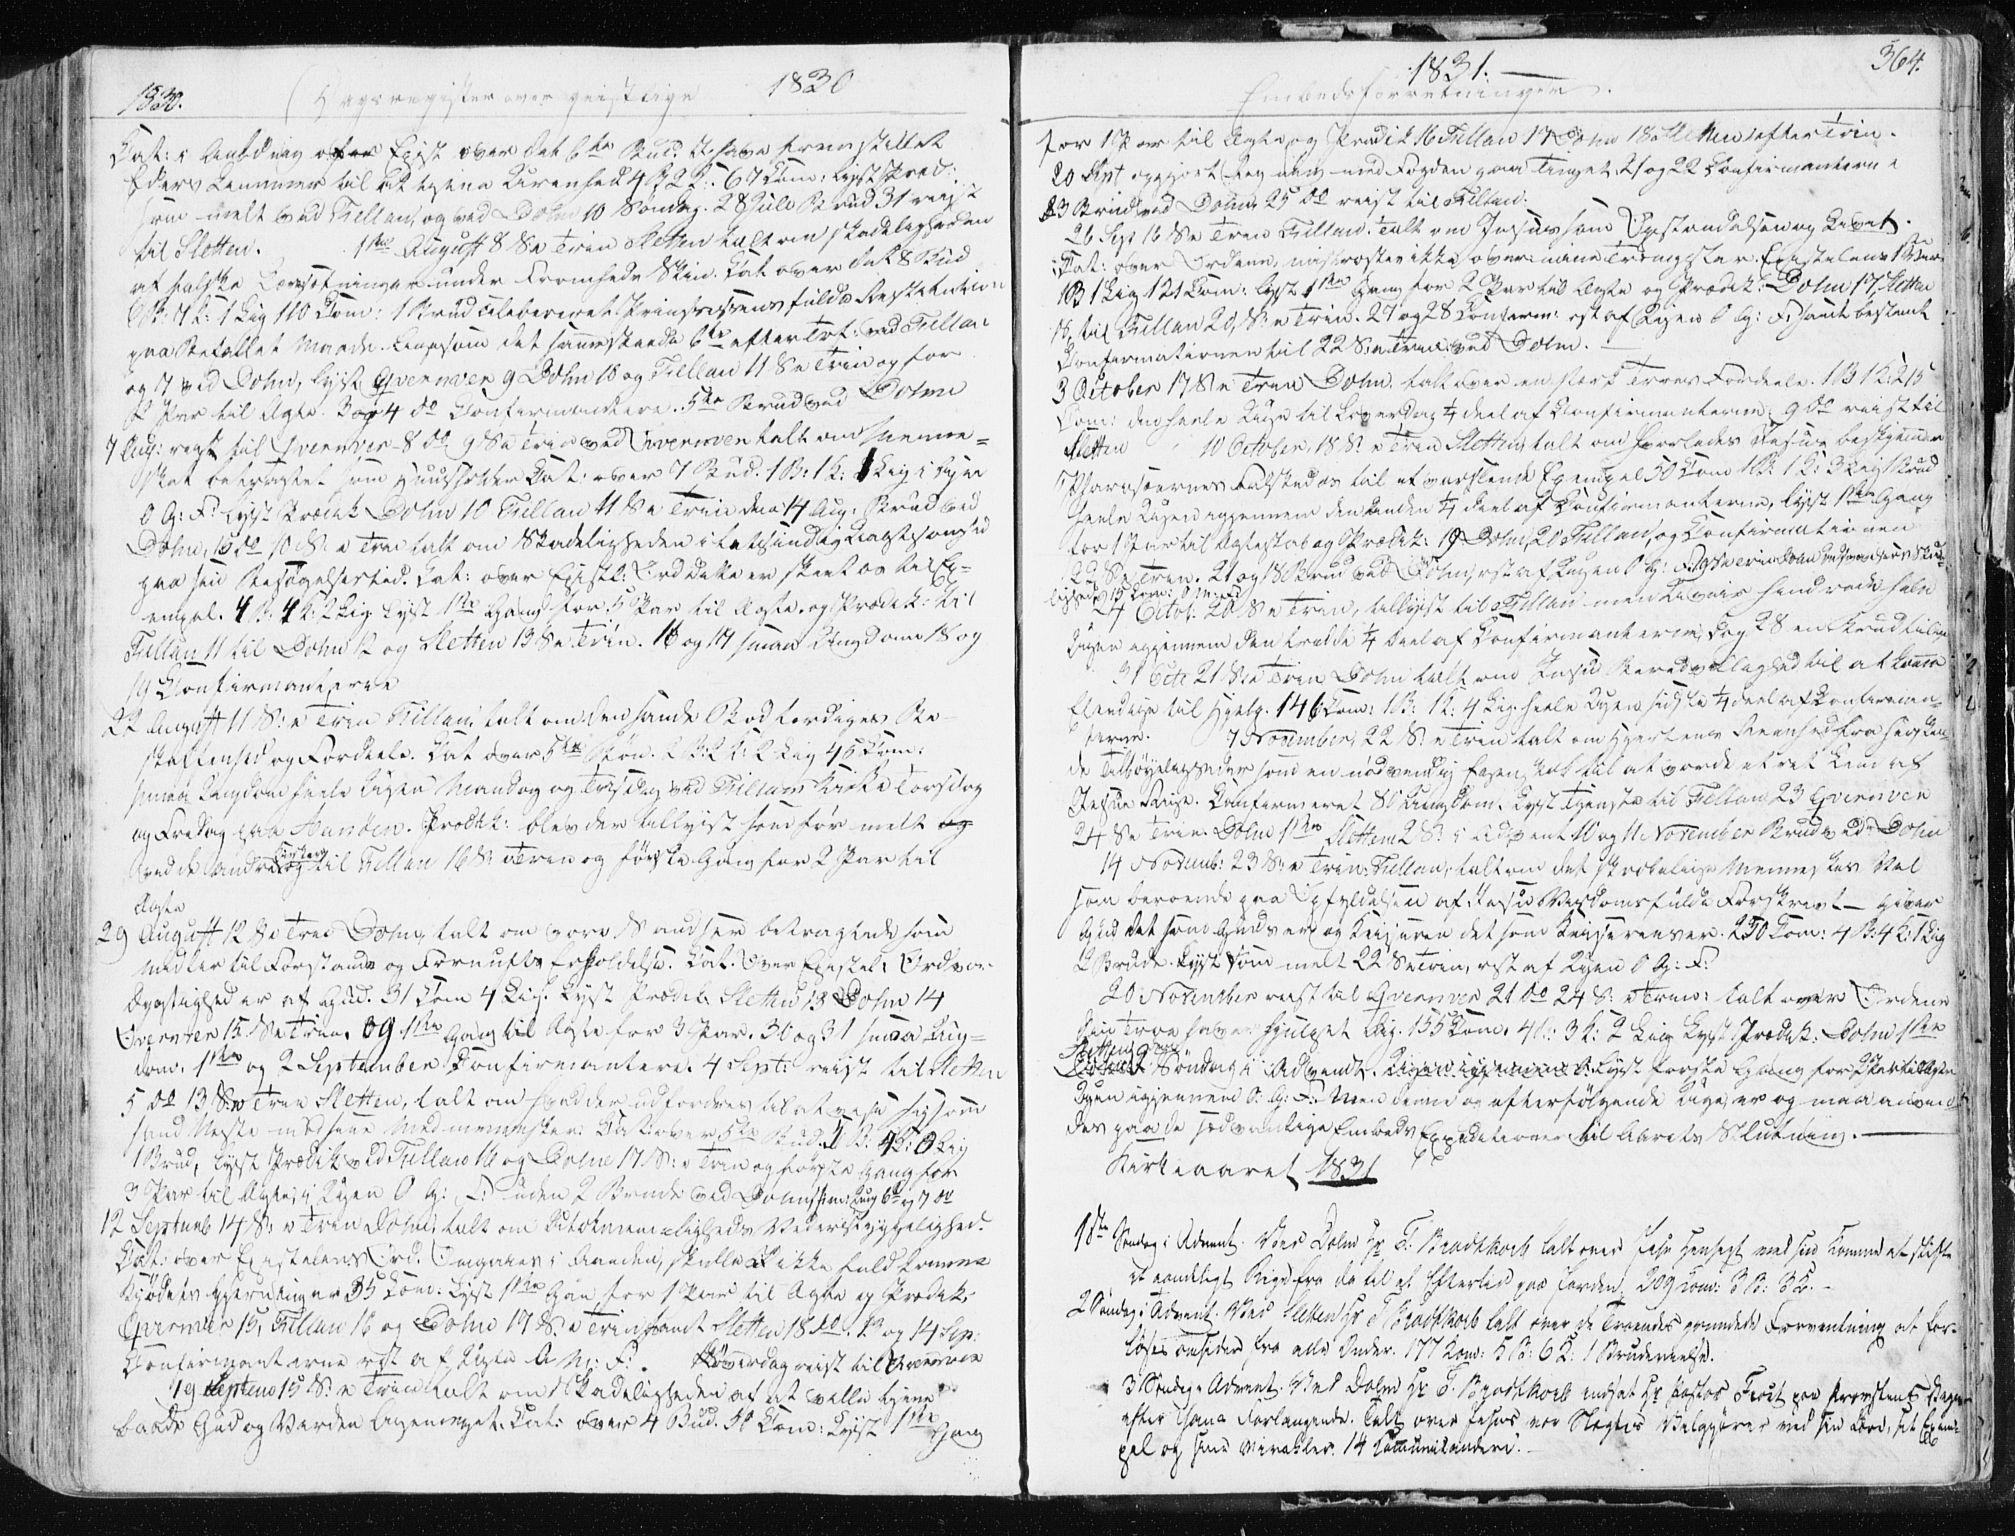 SAT, Ministerialprotokoller, klokkerbøker og fødselsregistre - Sør-Trøndelag, 634/L0528: Ministerialbok nr. 634A04, 1827-1842, s. 364